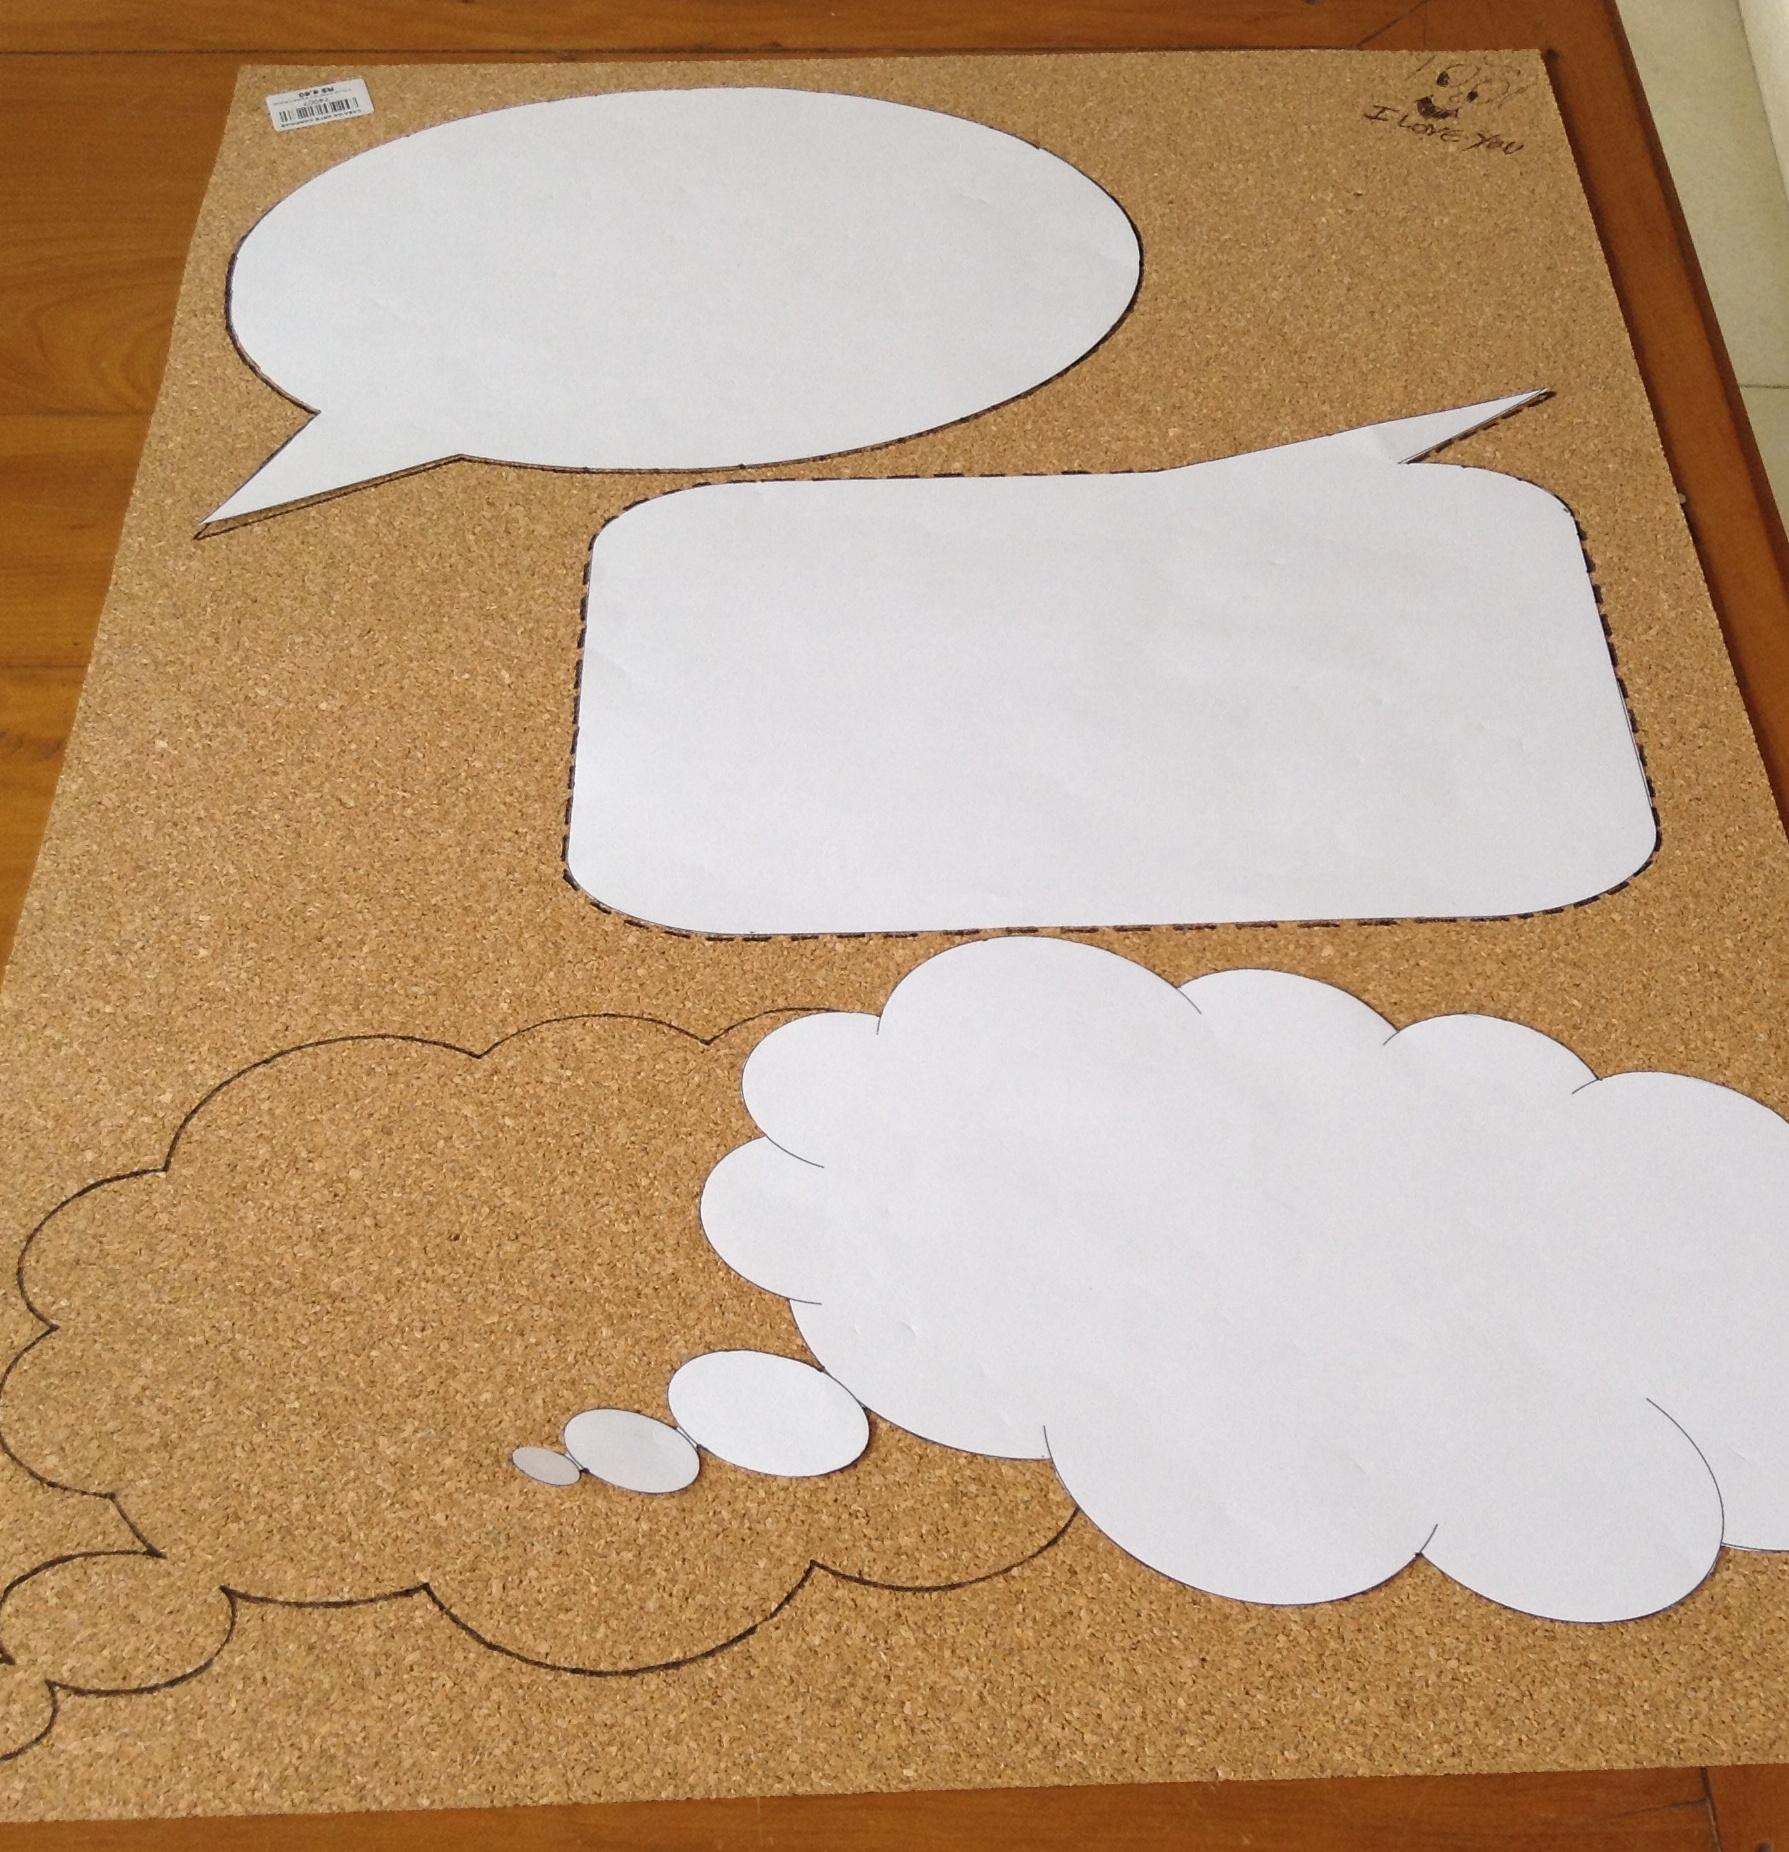 Como fazer um mural de recados de corti a recicla design for Como fazer um mural de recados